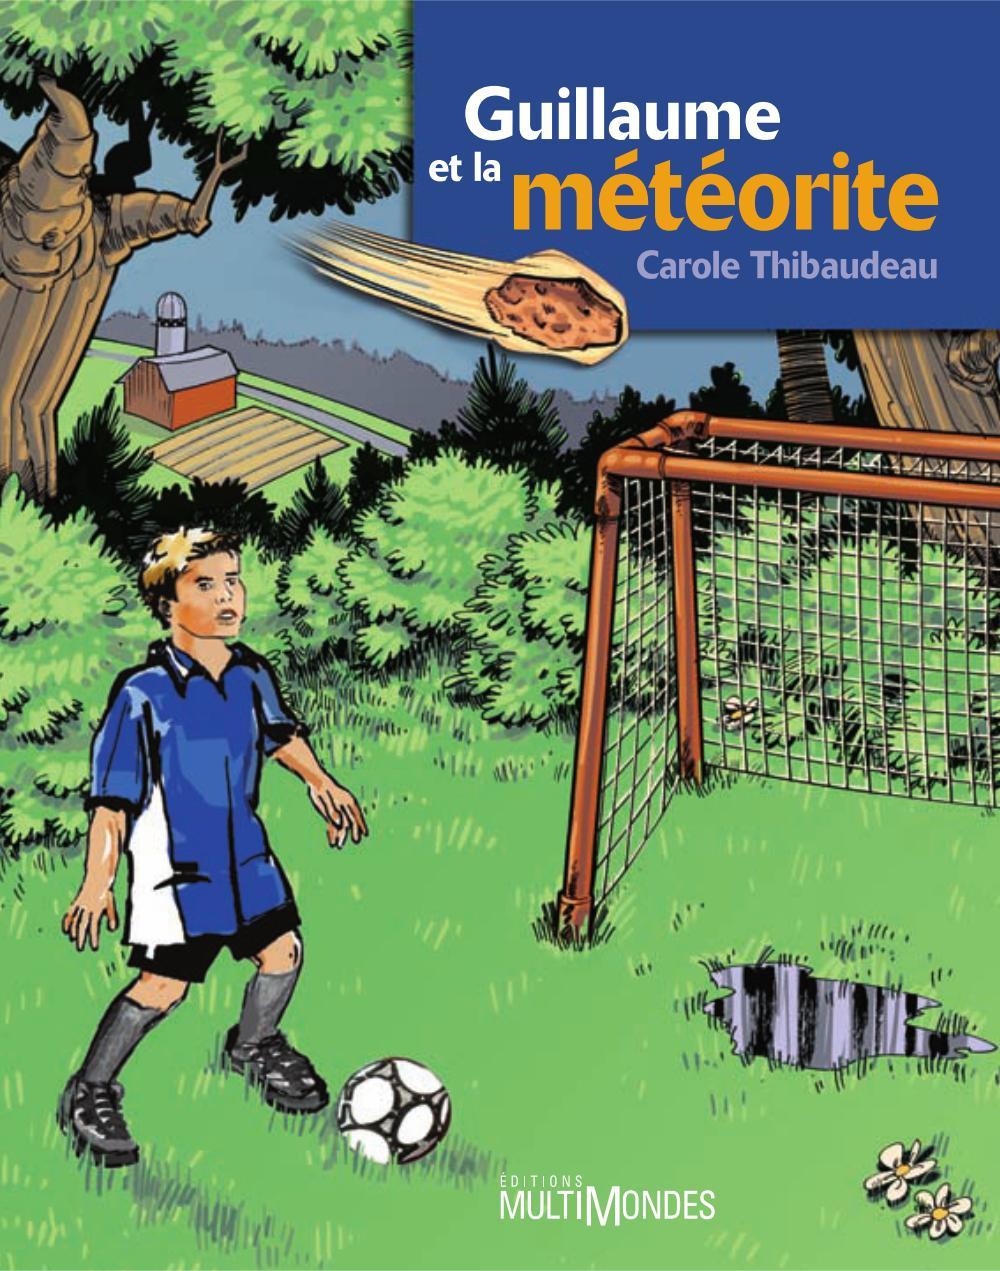 Guillaume et la météorite